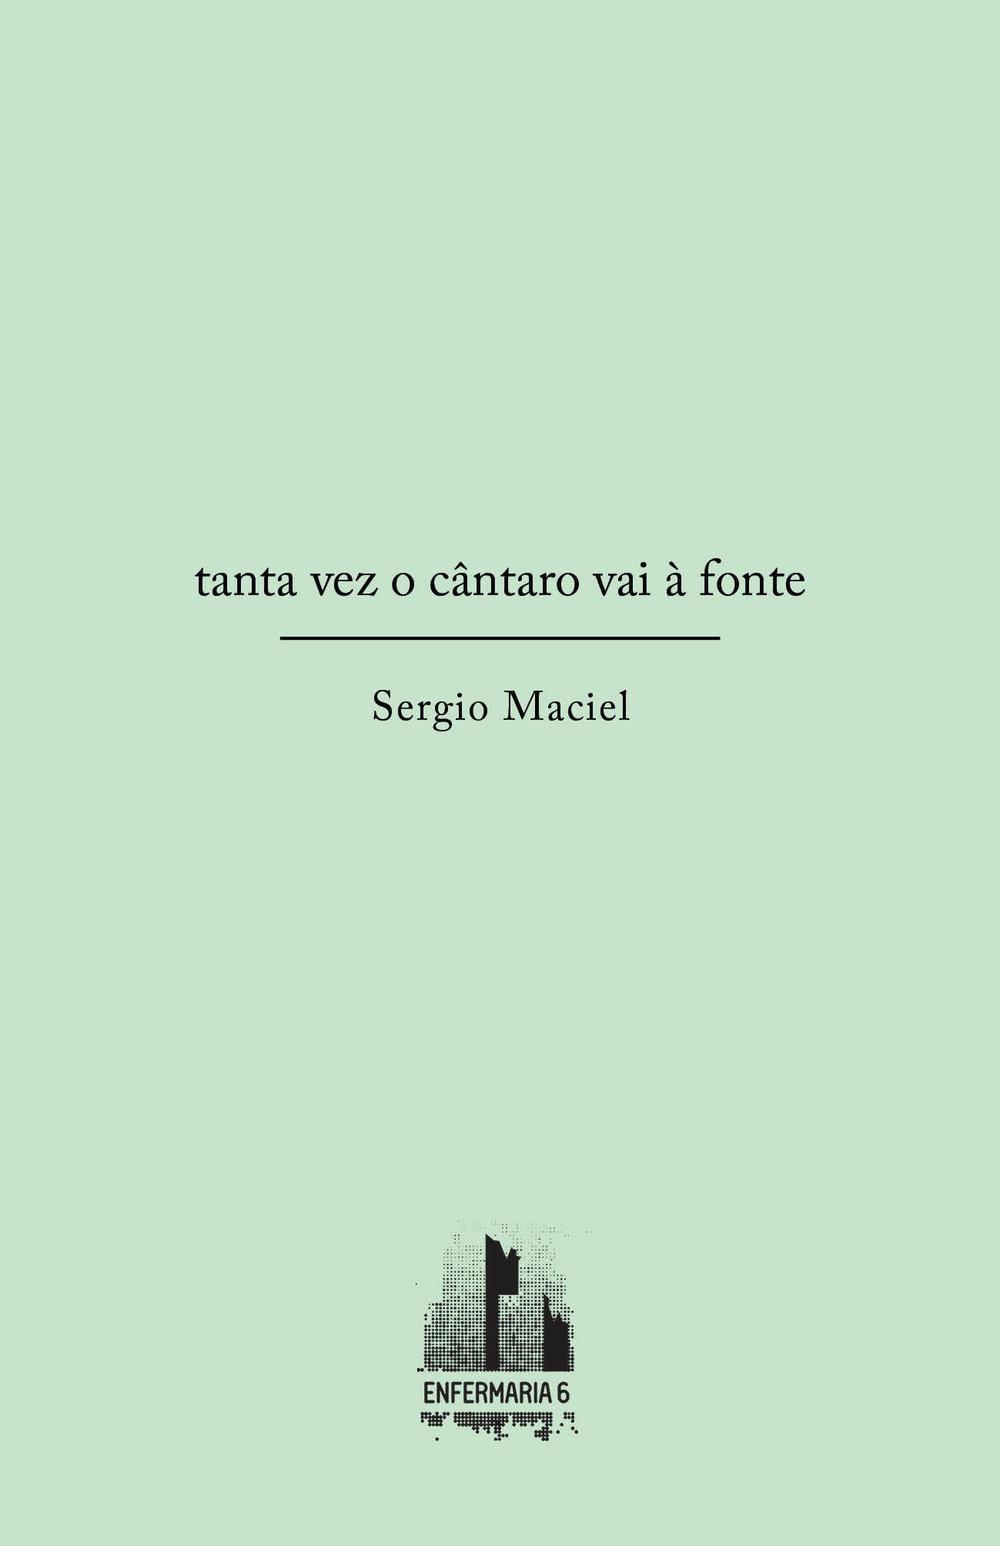 Sergio Maciel, Tanta vez o cântaro vai à fonte